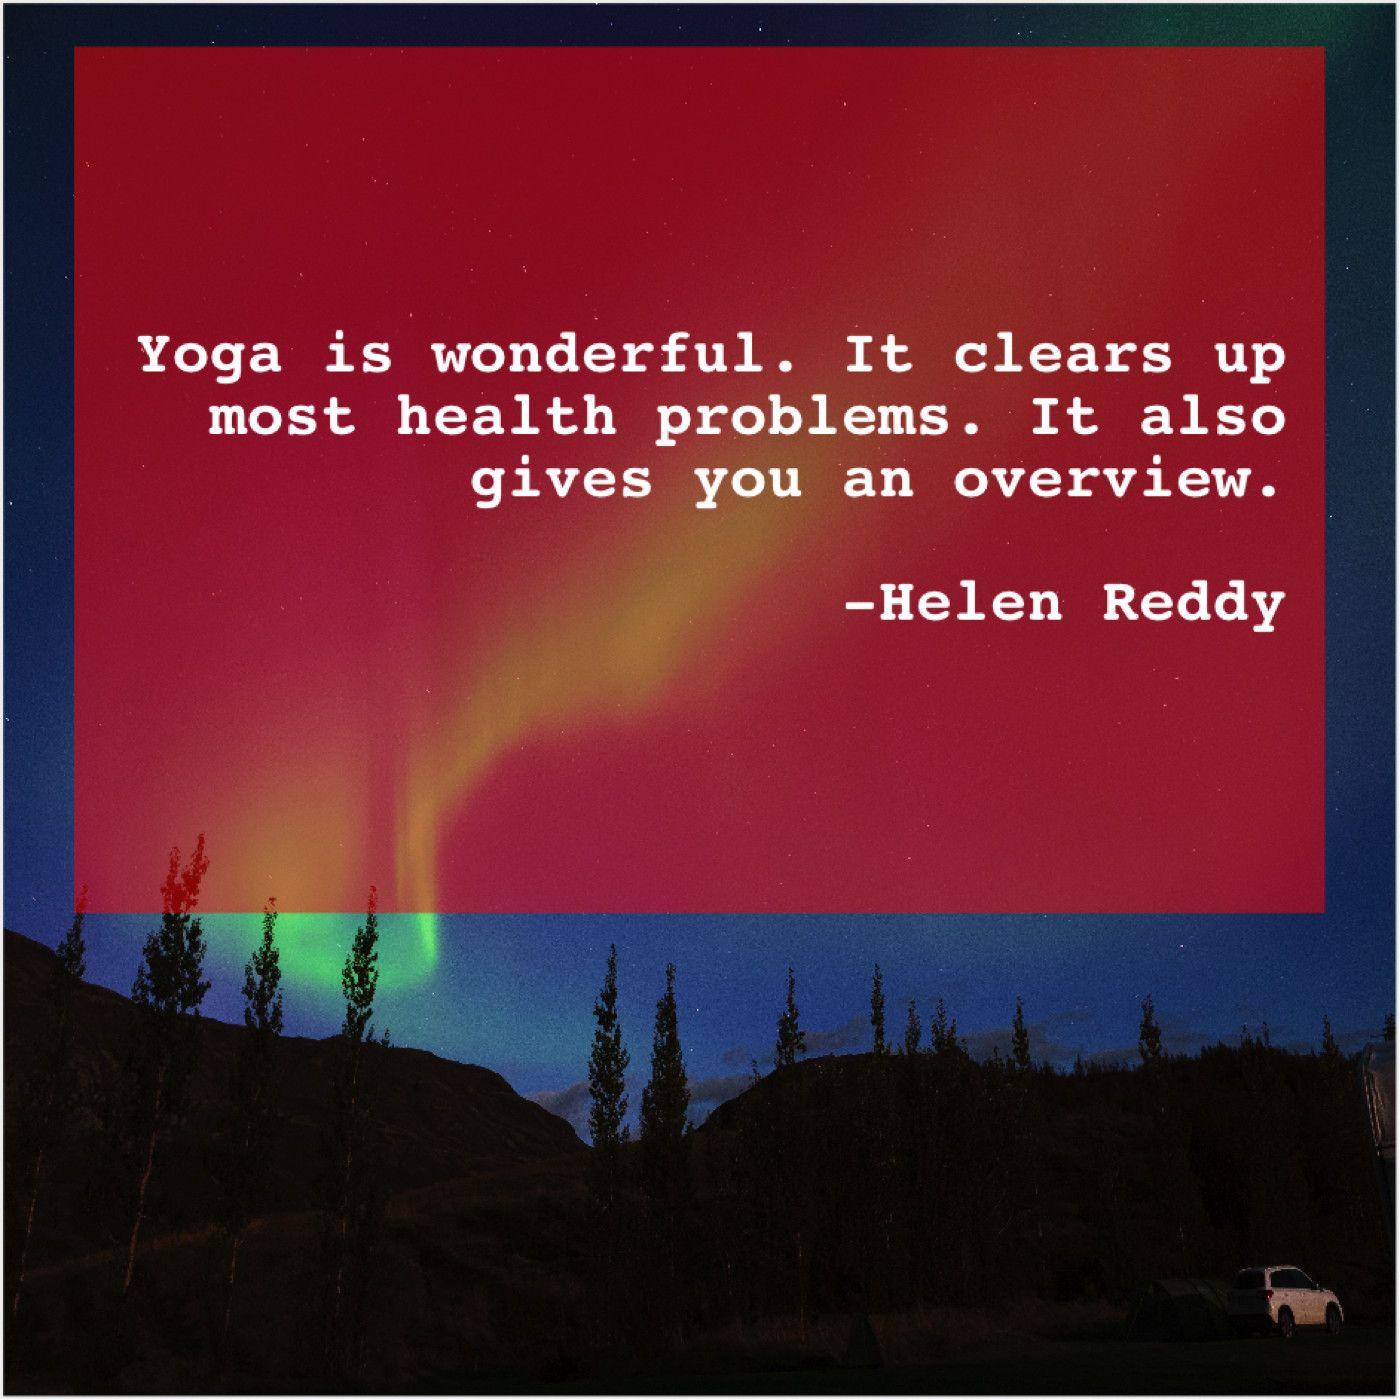 Helen Reddy Yoga Is Wonderful It Clears Valerie Bertinelli Helen Reddy Washington Irving